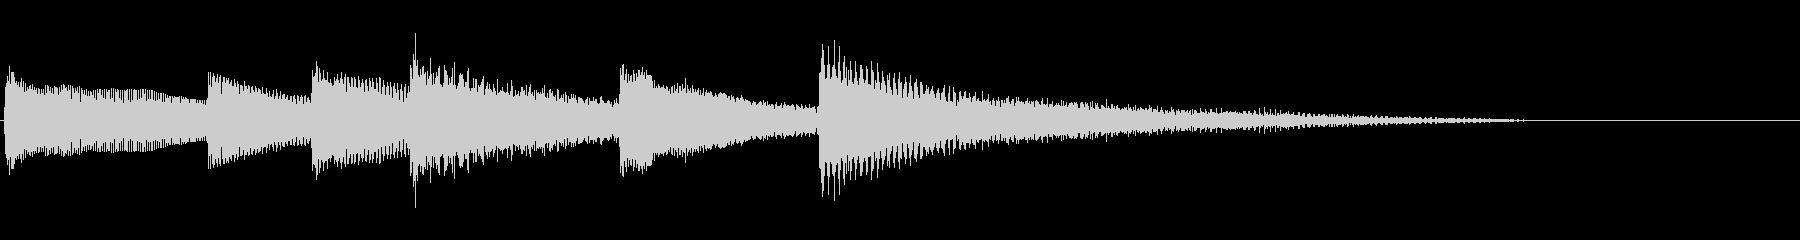 【生演奏】ゆったりなピアノジングルの未再生の波形